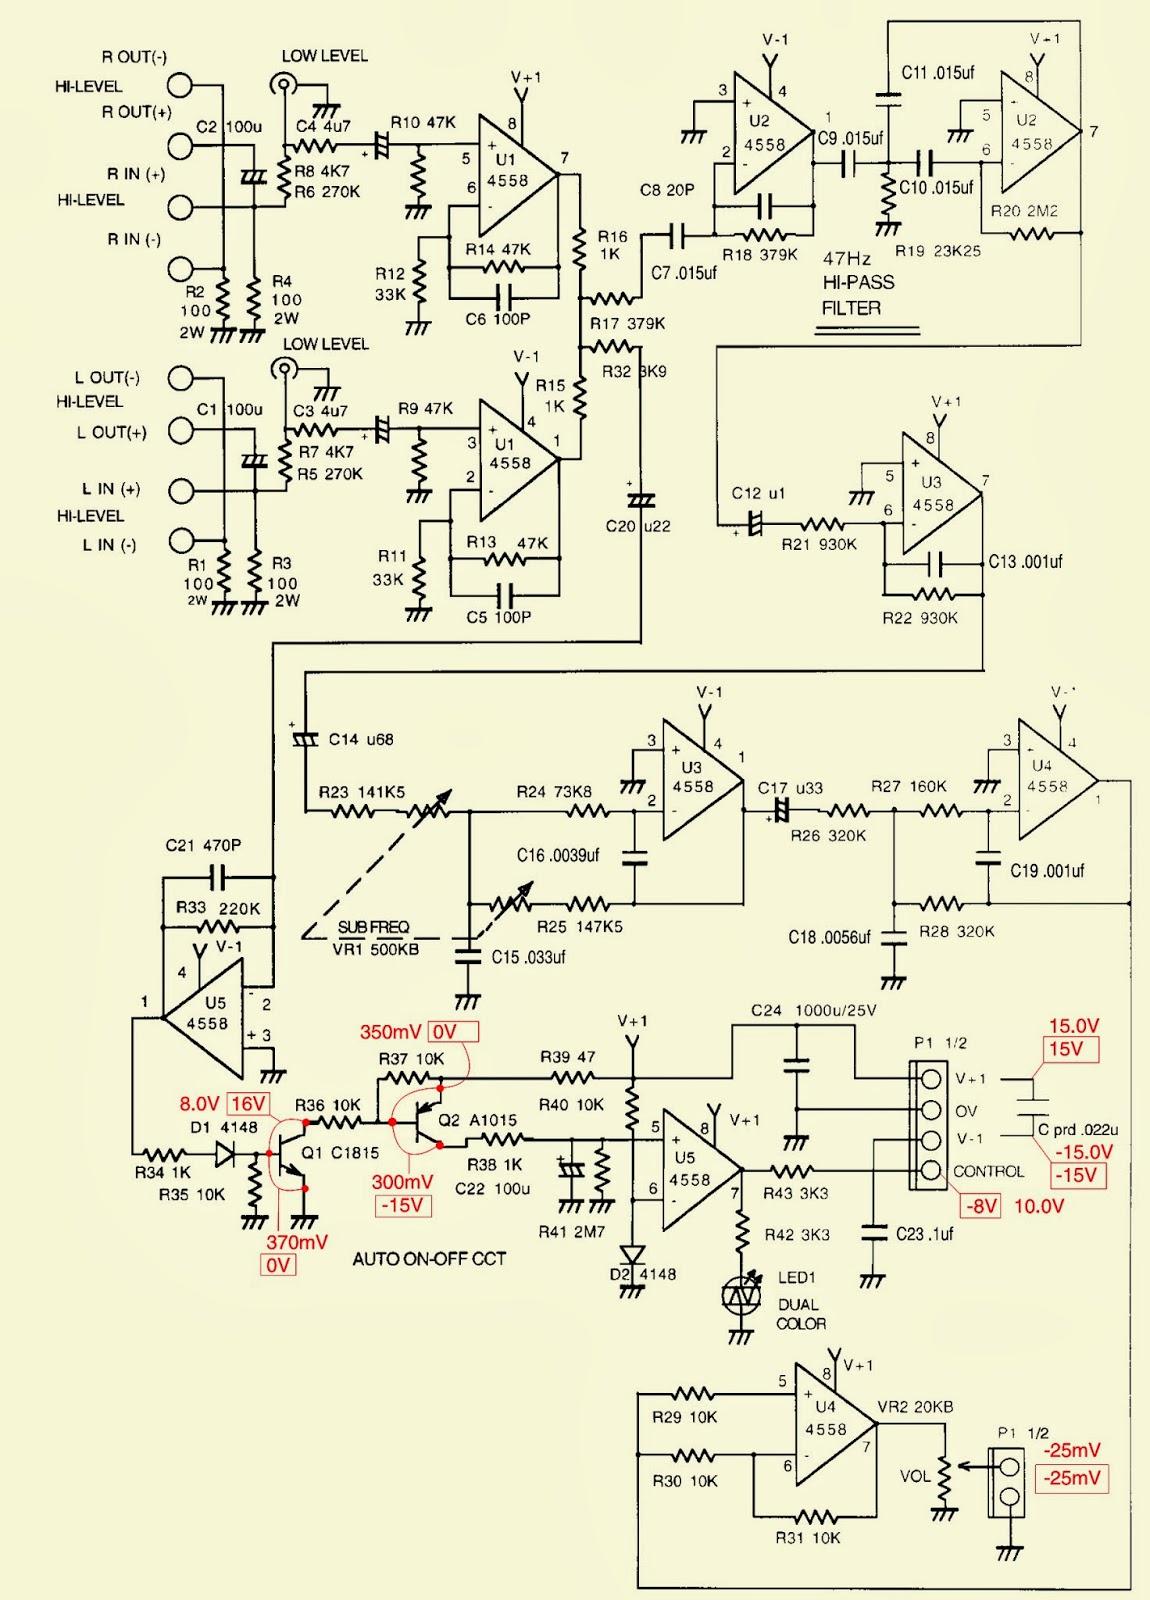 JBL ARC SUB _ TEST PROCEDURE _ SCHEMATIC DIAGRAM (Circuit Diagram)